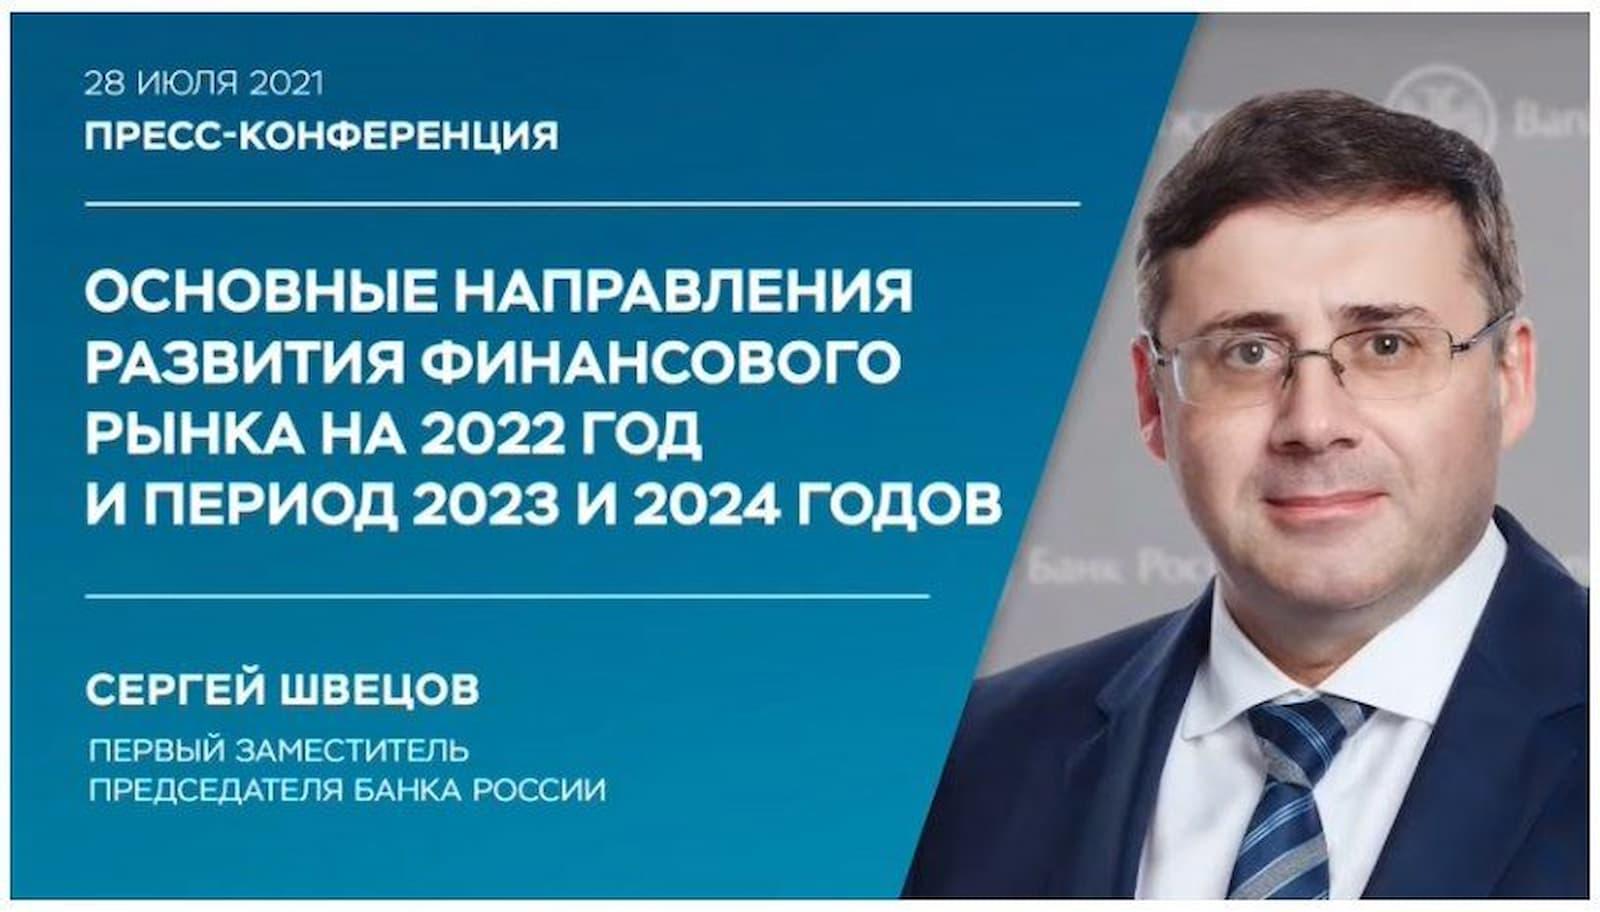 Анонс пресс-конференции Сергея Швецова: Основы направления развития финансового рынка.